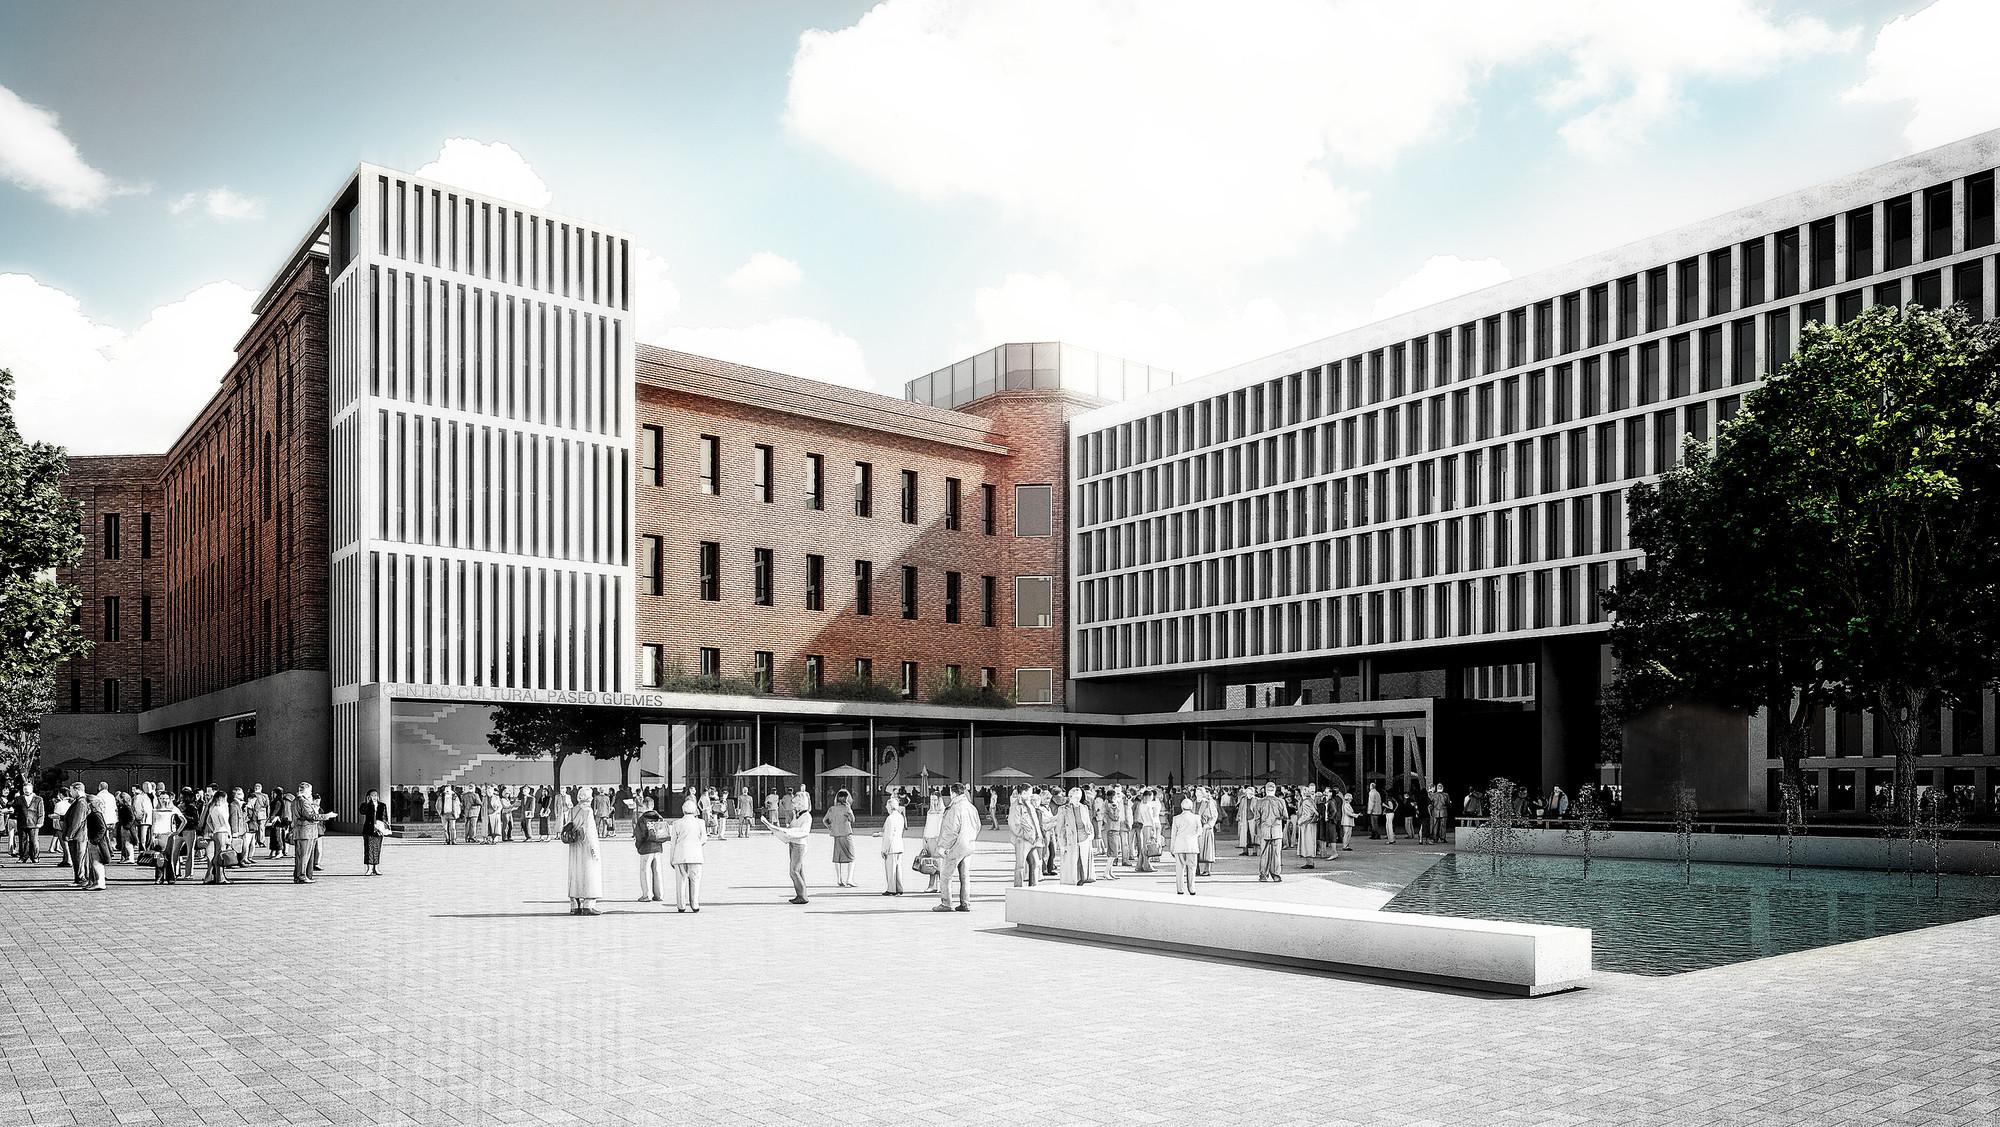 Primer Lugar en Concurso anteproyecto del centro cultural, comercial y residencial Paseo De Güemes